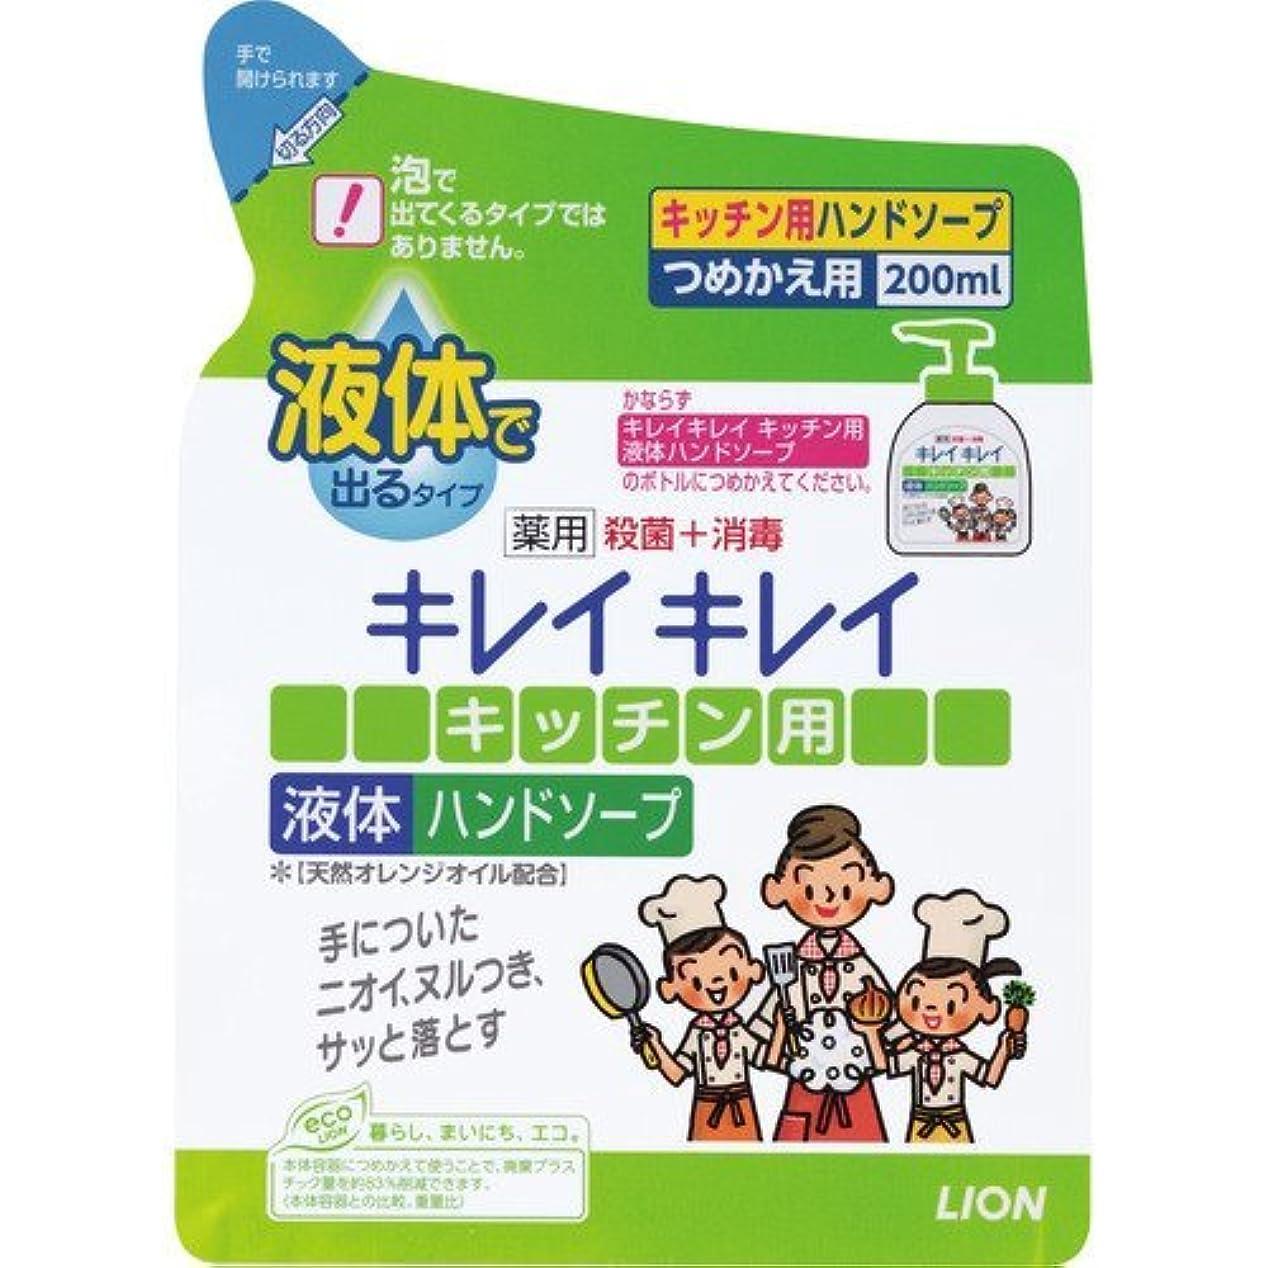 フィード田舎者量でキレイキレイ 薬用 キッチンハンドソープ 詰め替え 200ml(医薬部外品)